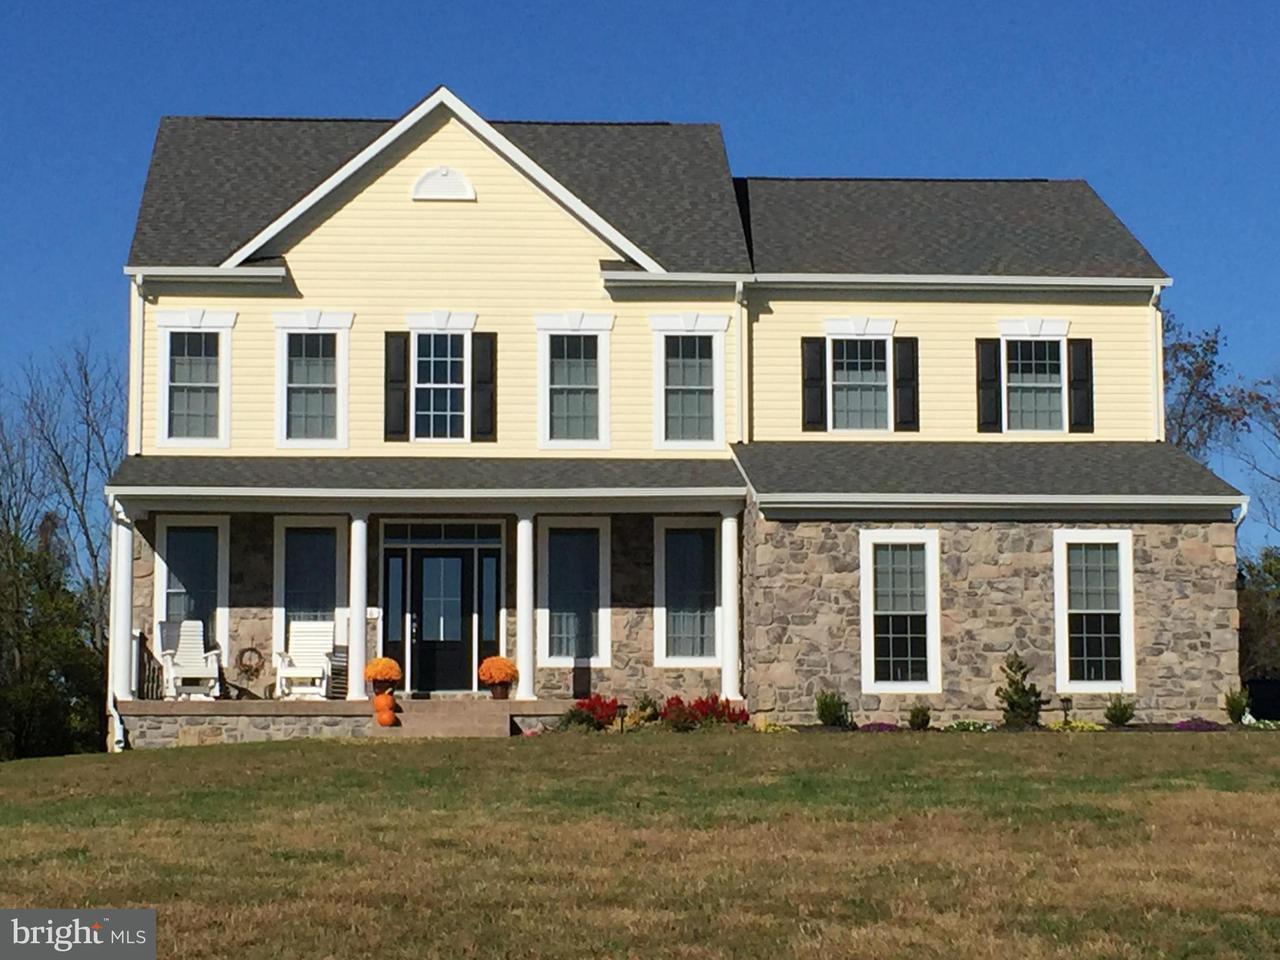 一戸建て のために 売買 アット 1707 Jarrettsville Road 1707 Jarrettsville Road Jarrettsville, メリーランド 21084 アメリカ合衆国